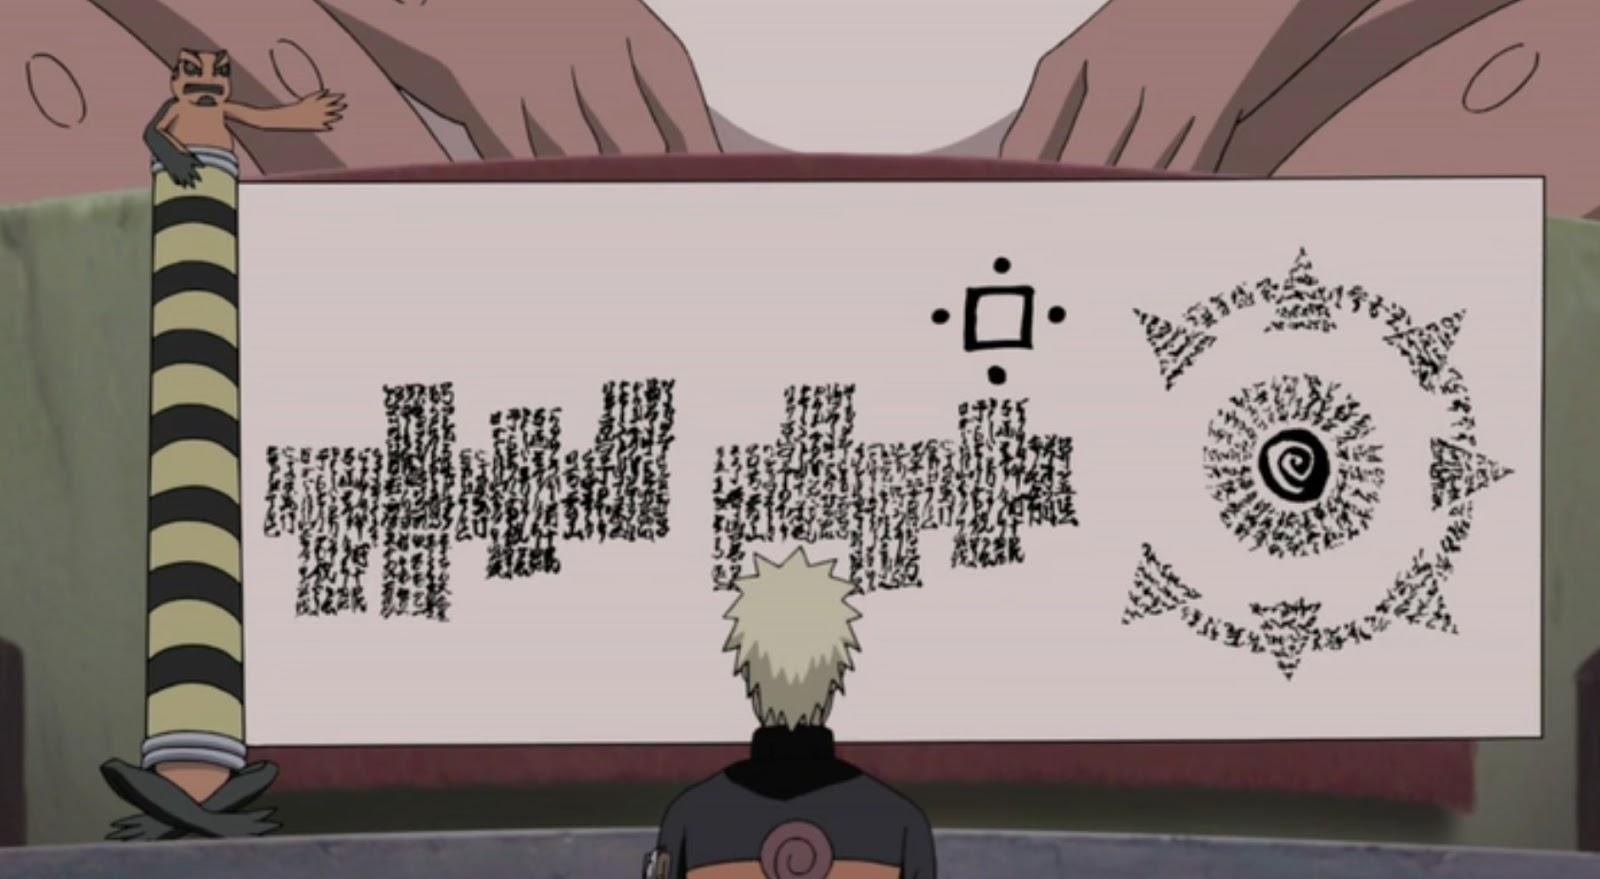 Naruto Shippuden Episódio 220, Assistir Naruto Shippuden Episódio 220, Assistir Naruto Shippuden Todos os Episódios Legendado, Naruto Shippuden episódio 220,HD